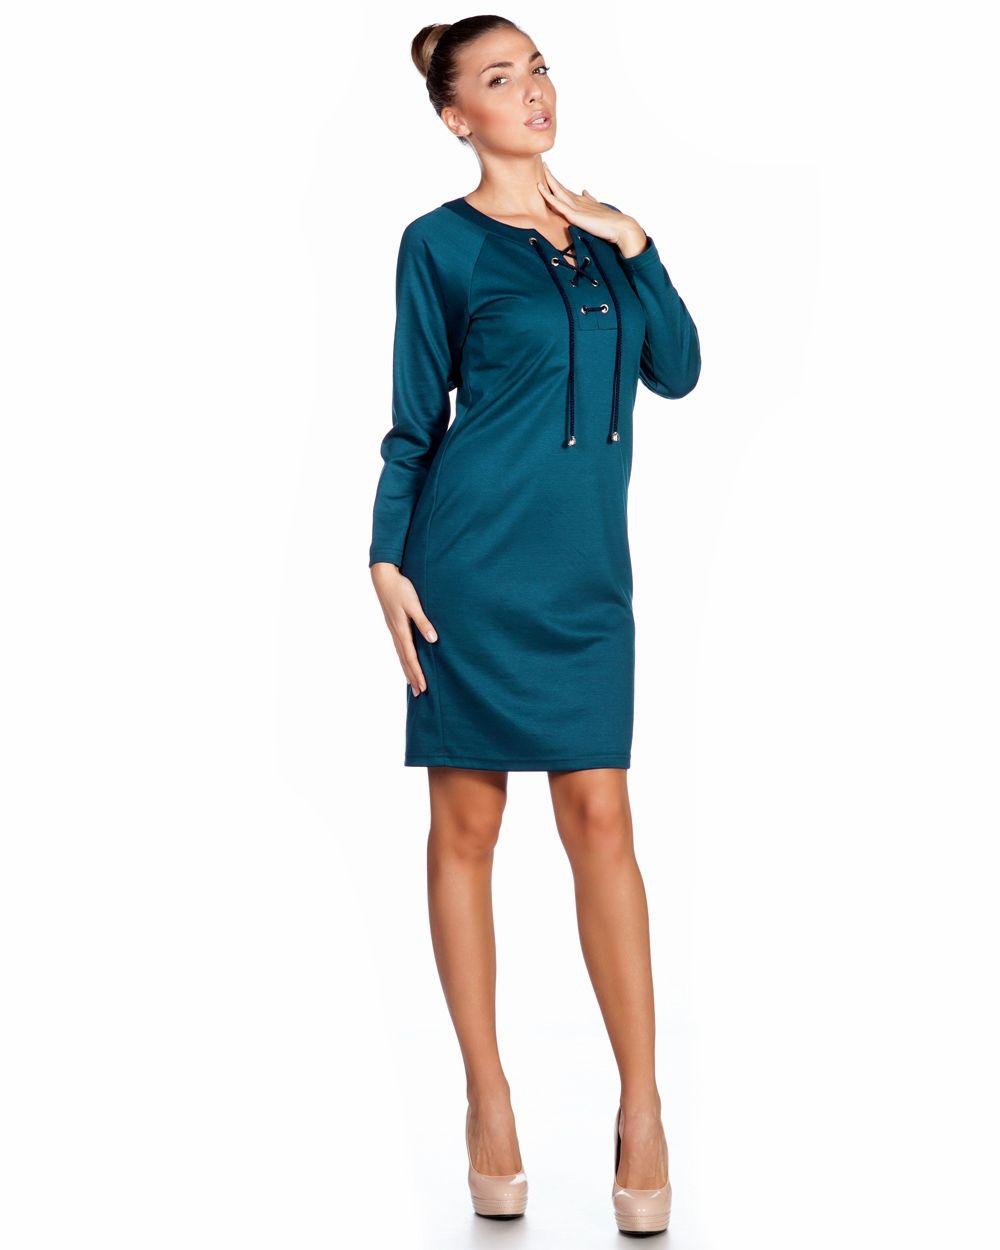 17dc49b7148 Дамска туника / рокля Poza #Efrea #Ефреа #online #онлайн #пазаруване #дрехи